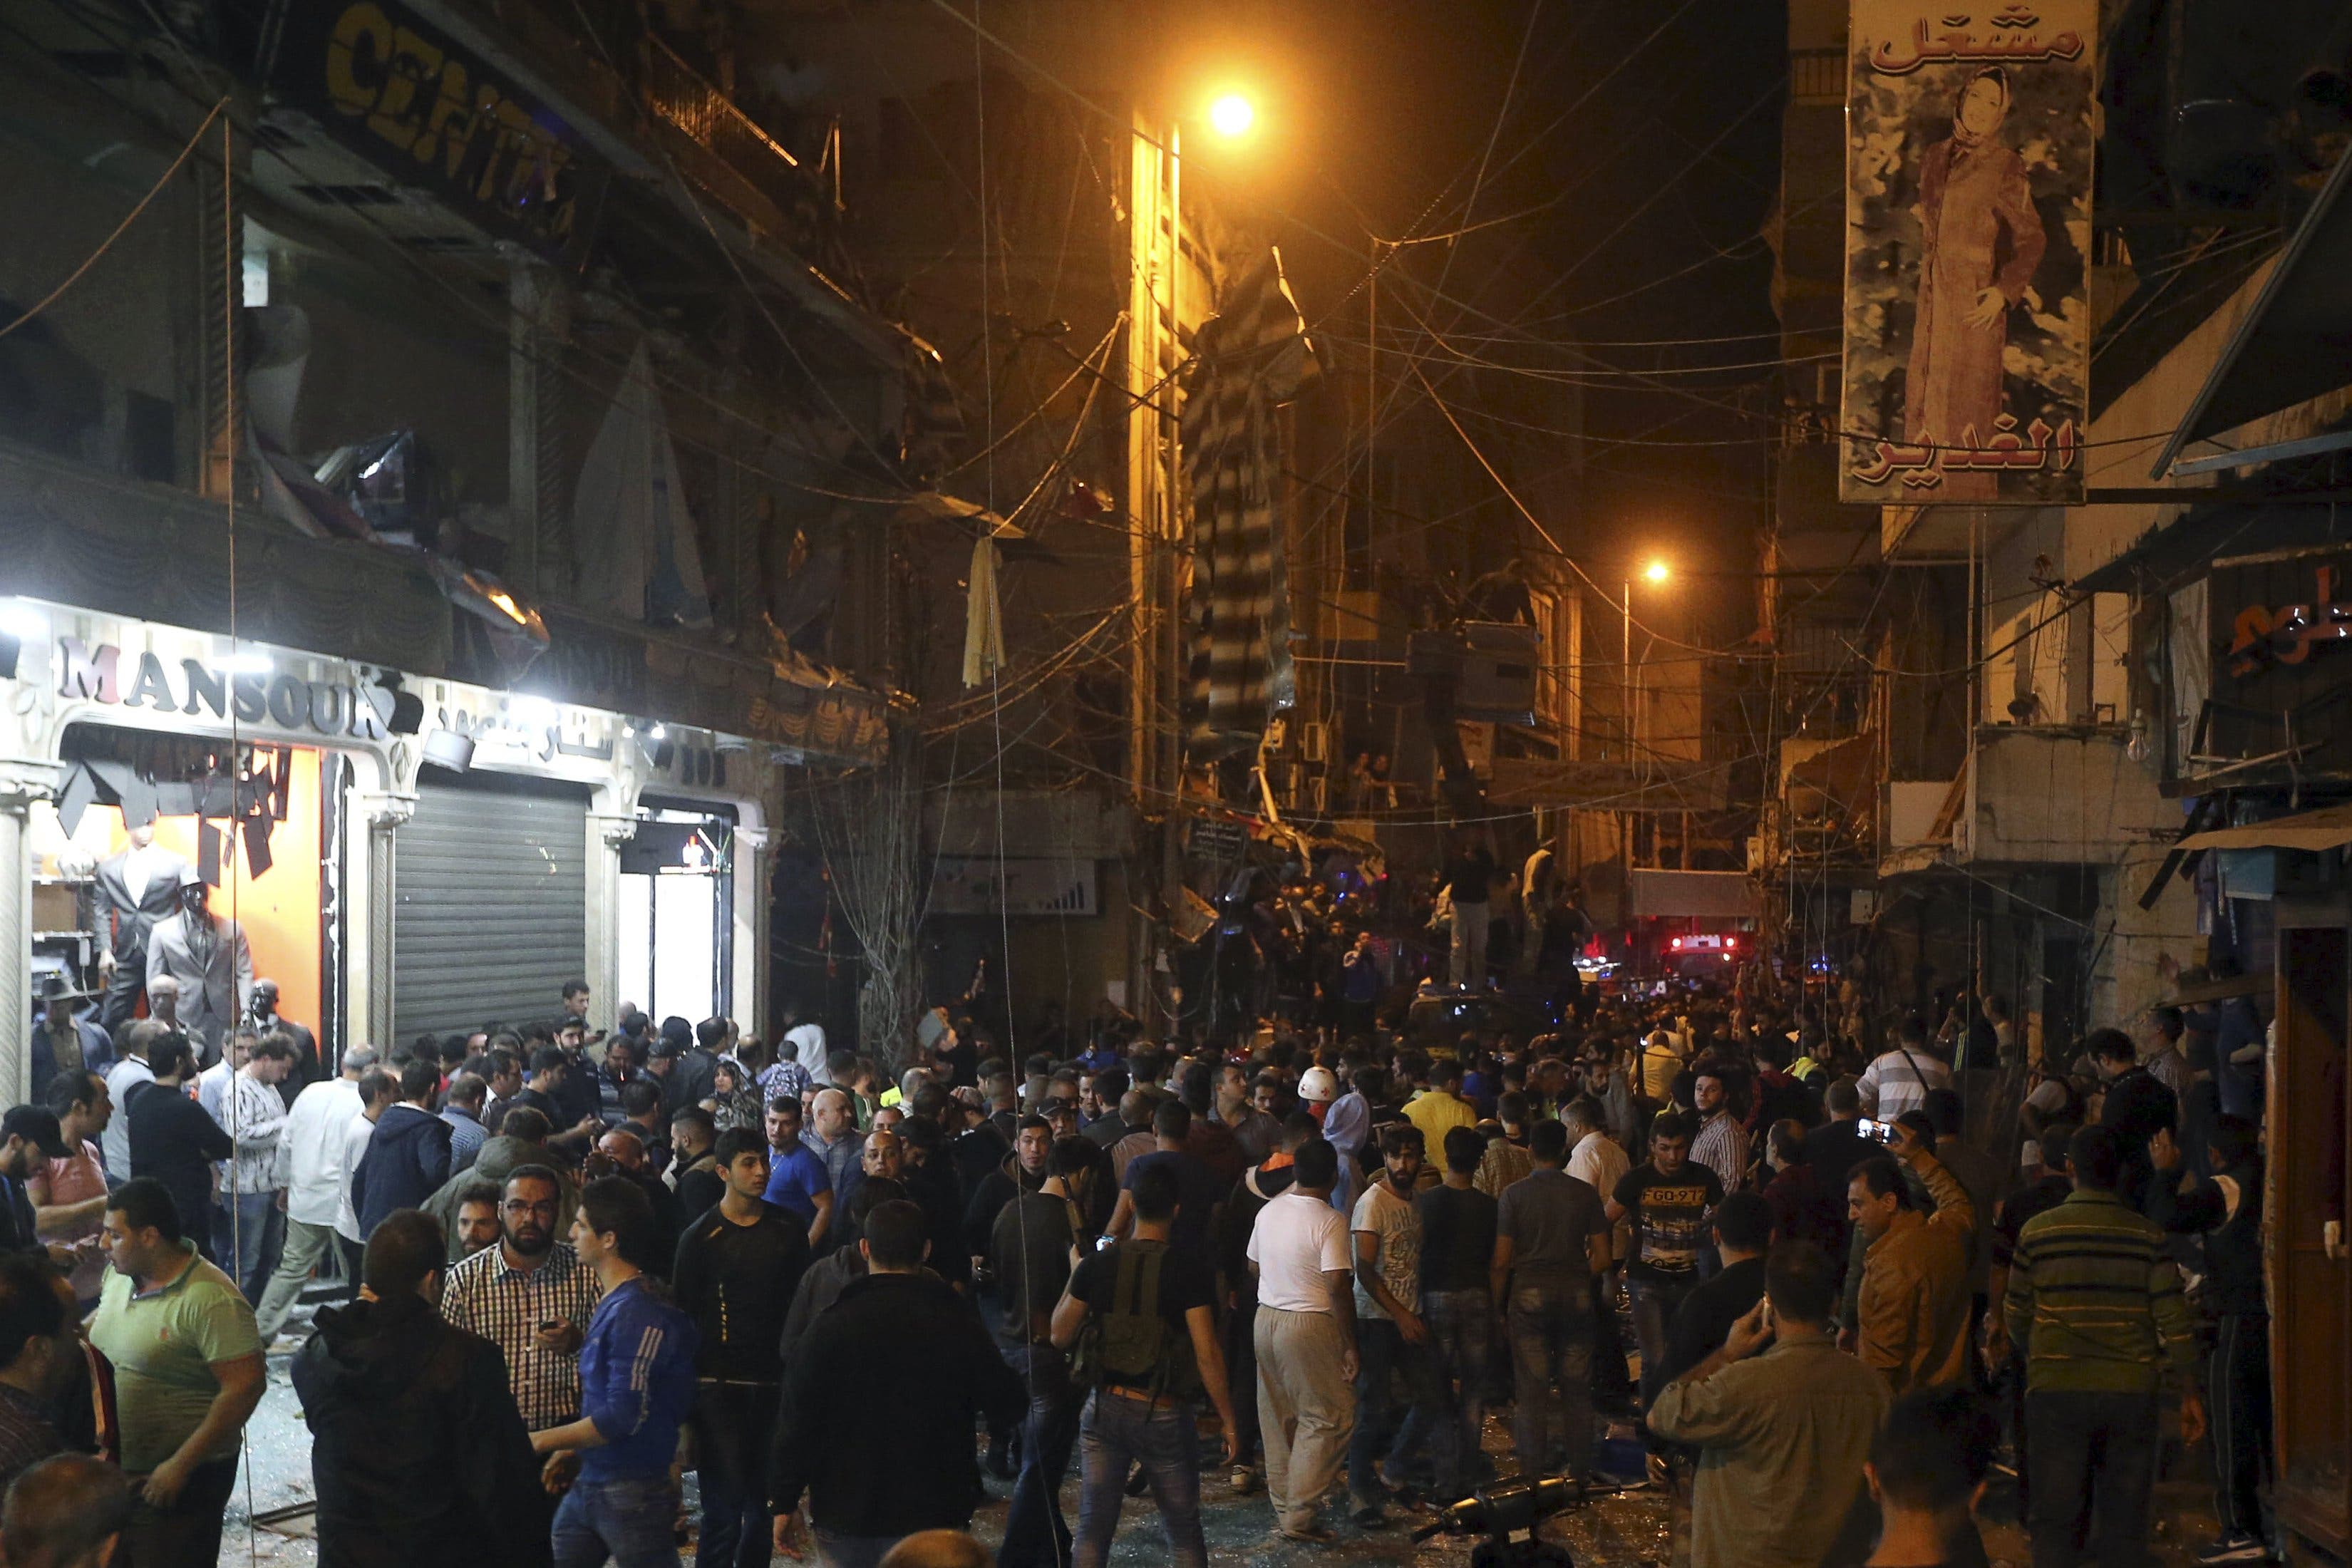 بیروت کے جنوبی علاقے میں بم دھماکوں کے بعد لوگ جمع ہیں۔